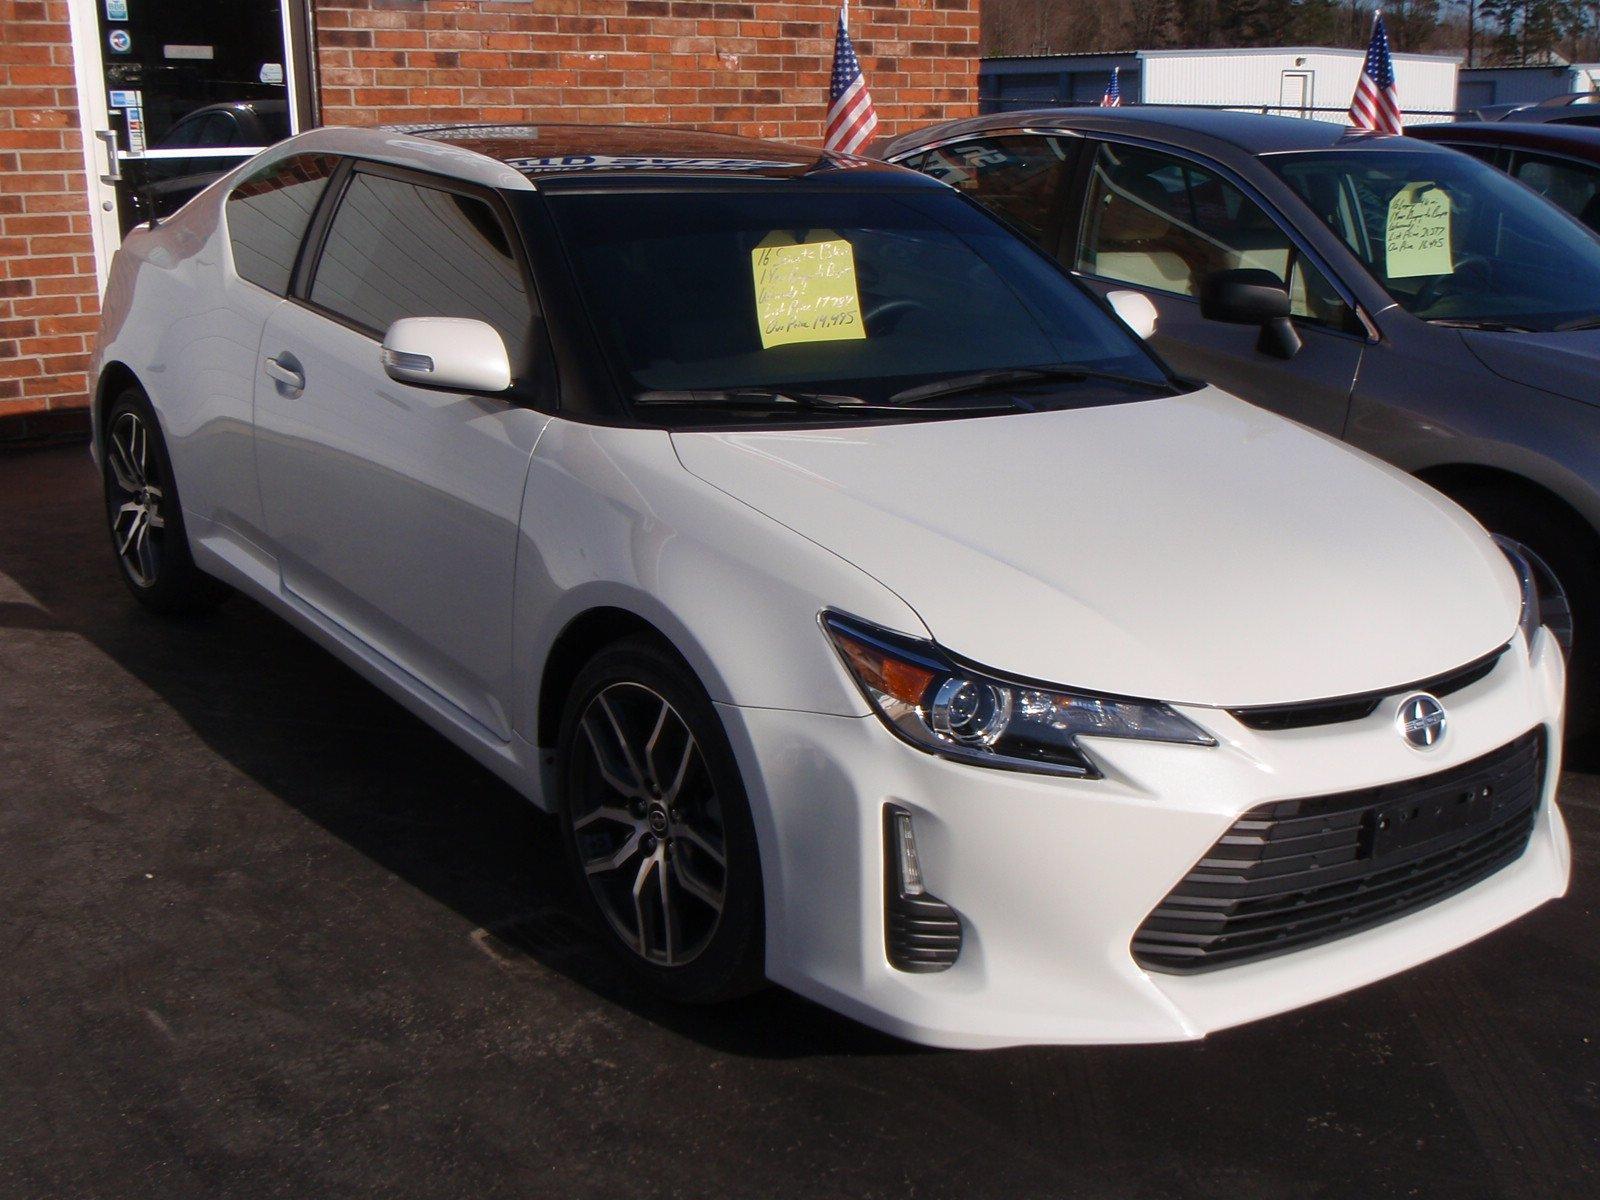 Used Cars for Sale Buffalo, NY